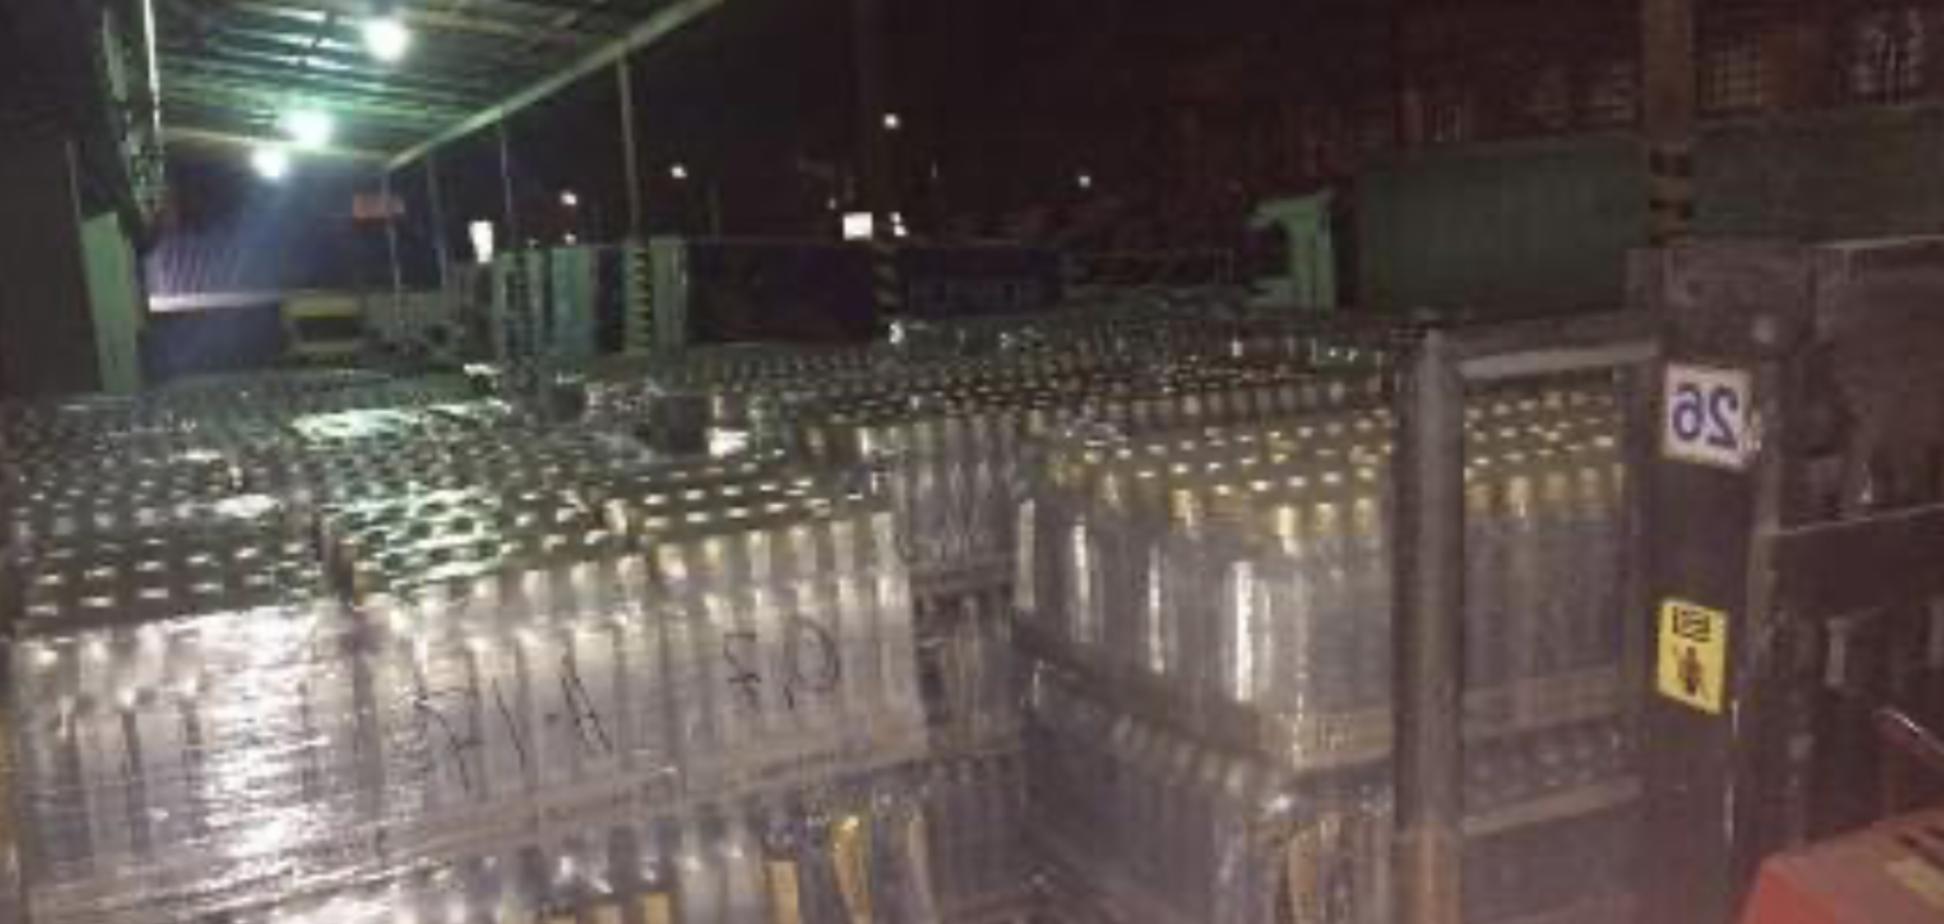 У Києві ДПС виявила понад 10 тис. пляшок горілки з недійсними акцизними марками